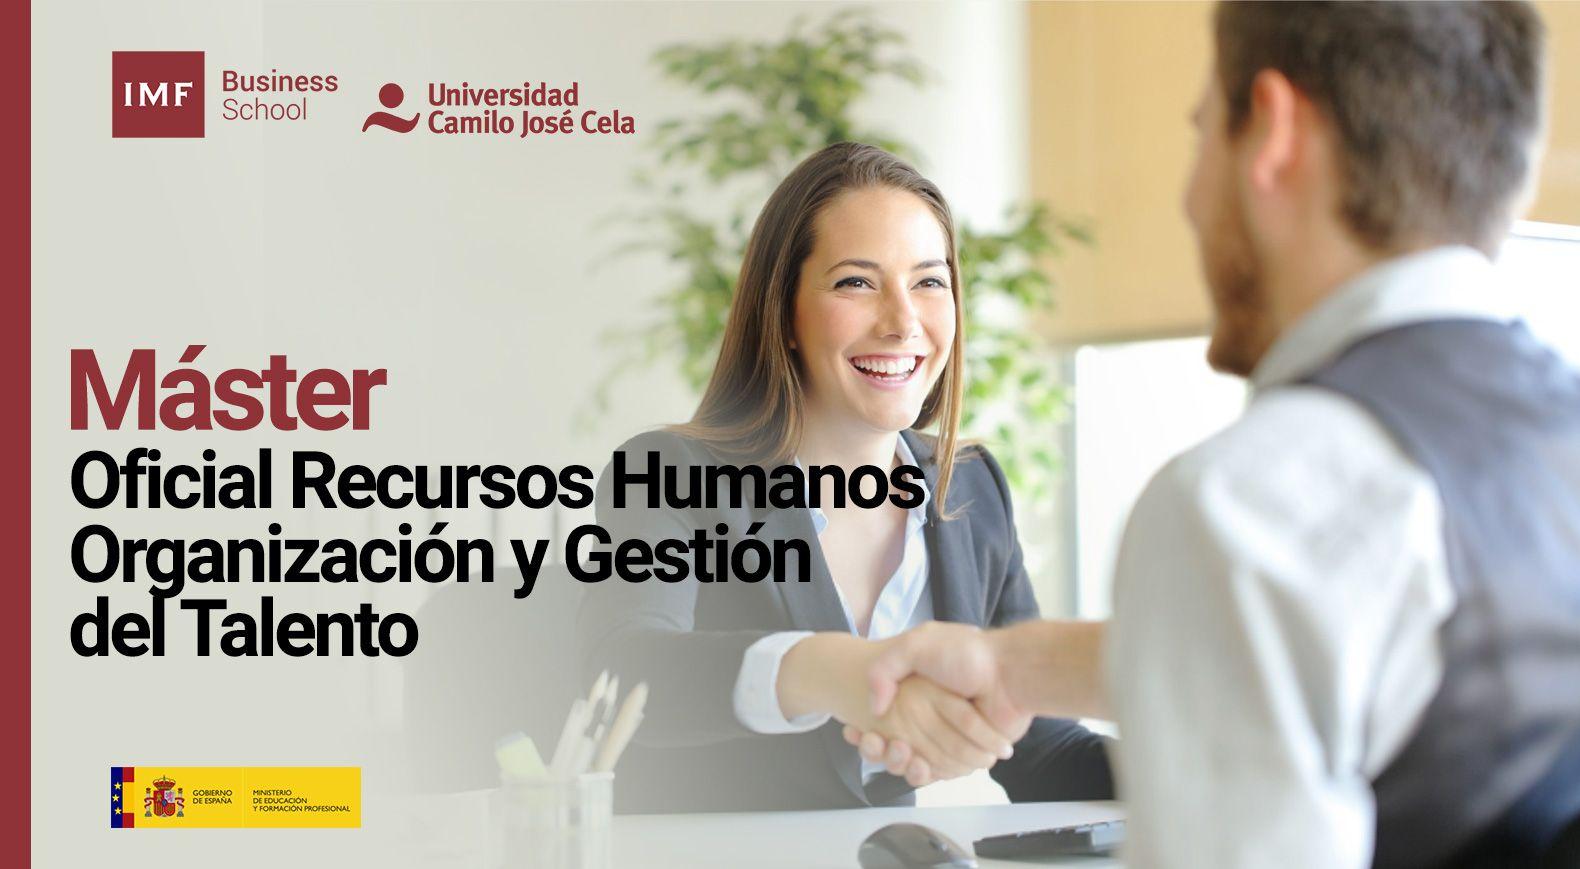 Máster Oficial En Recursos Humanos Organización Y Gestión Del Talento Gestion De Recursos Humanos Gestión De Recursos Ministerio De Educacion